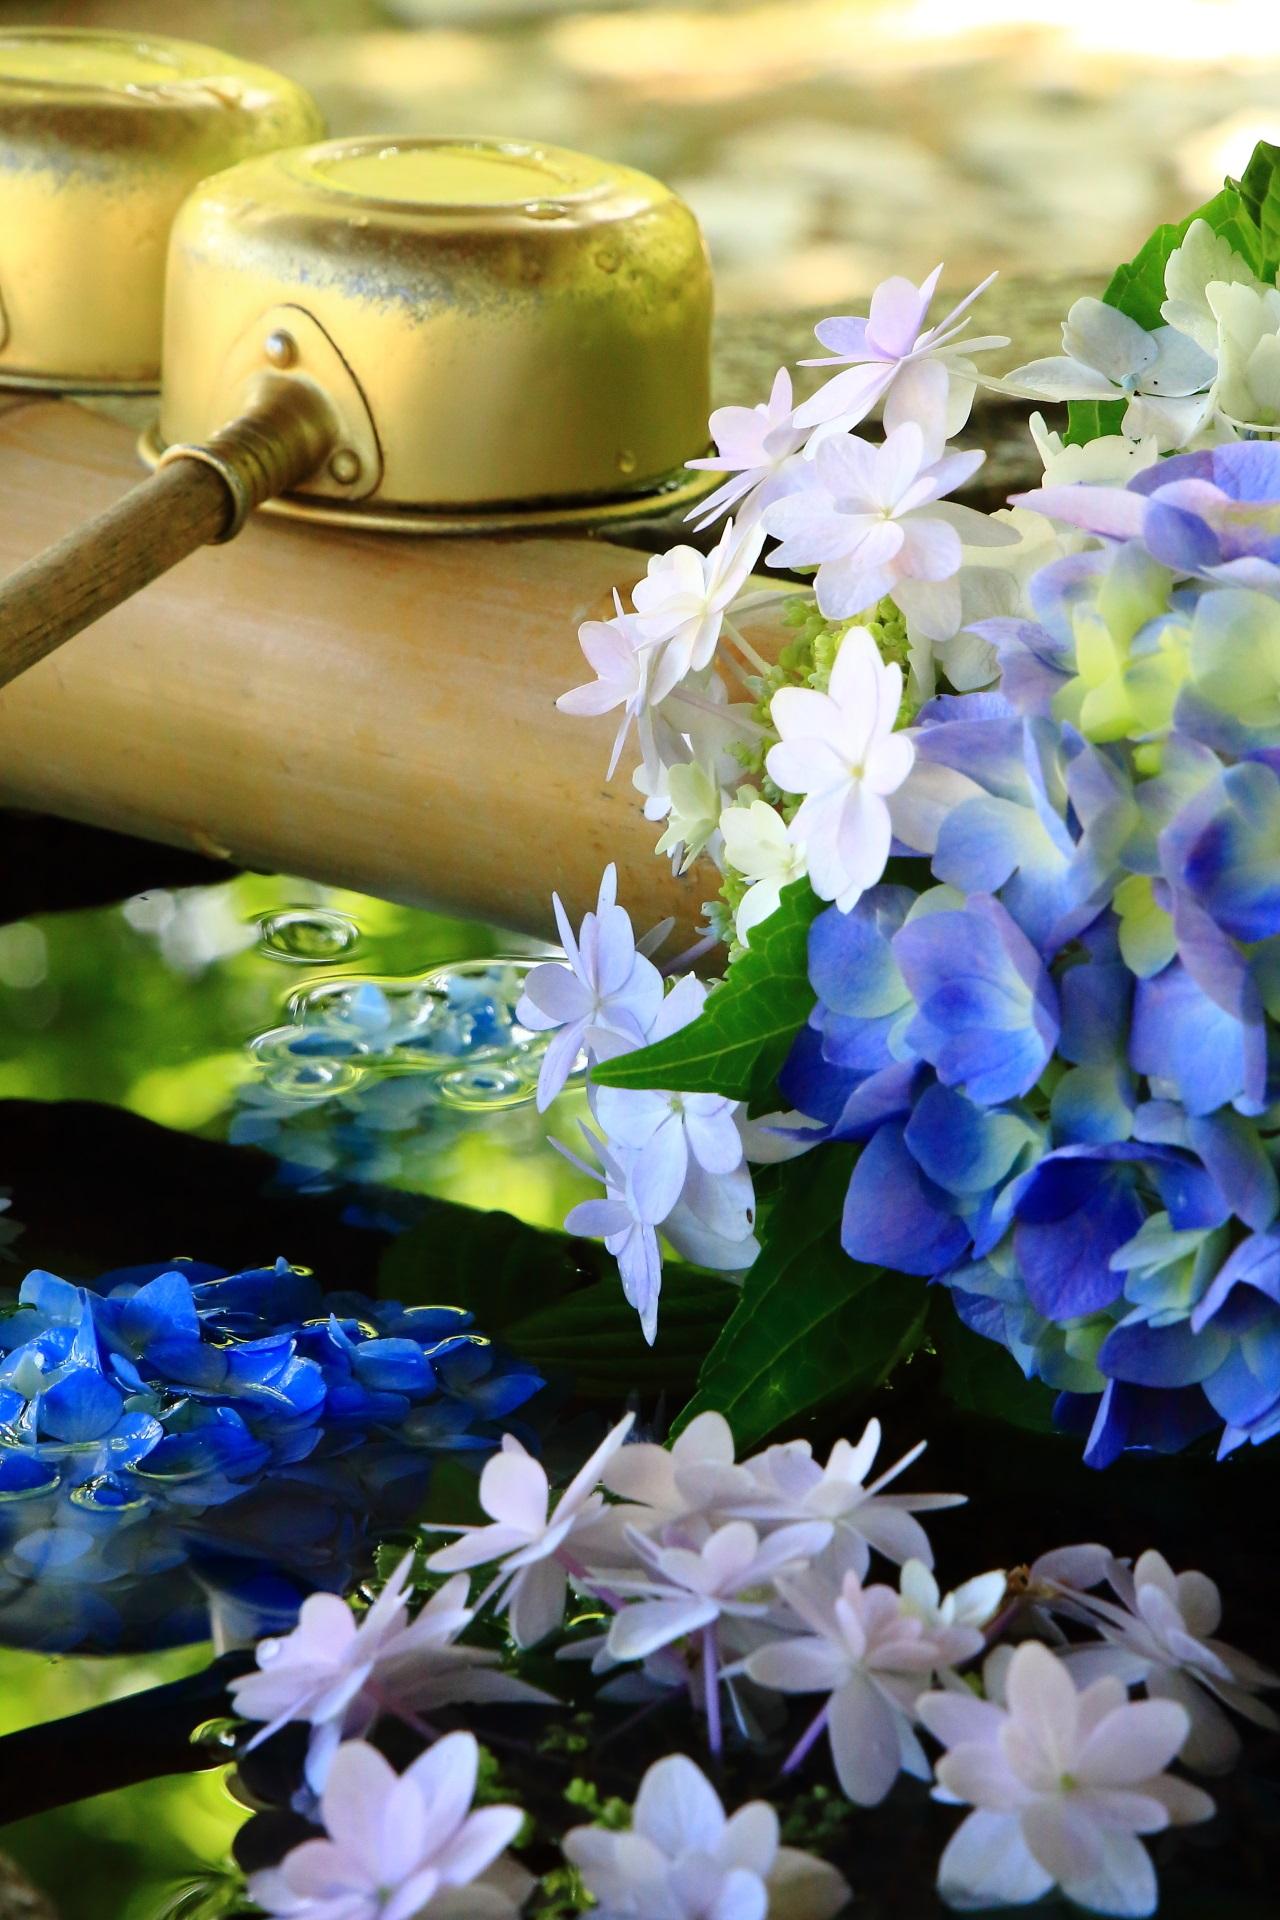 華やかな花と青もみじの淡い緑の水鏡が美しい絶品の紫陽花の手水舎